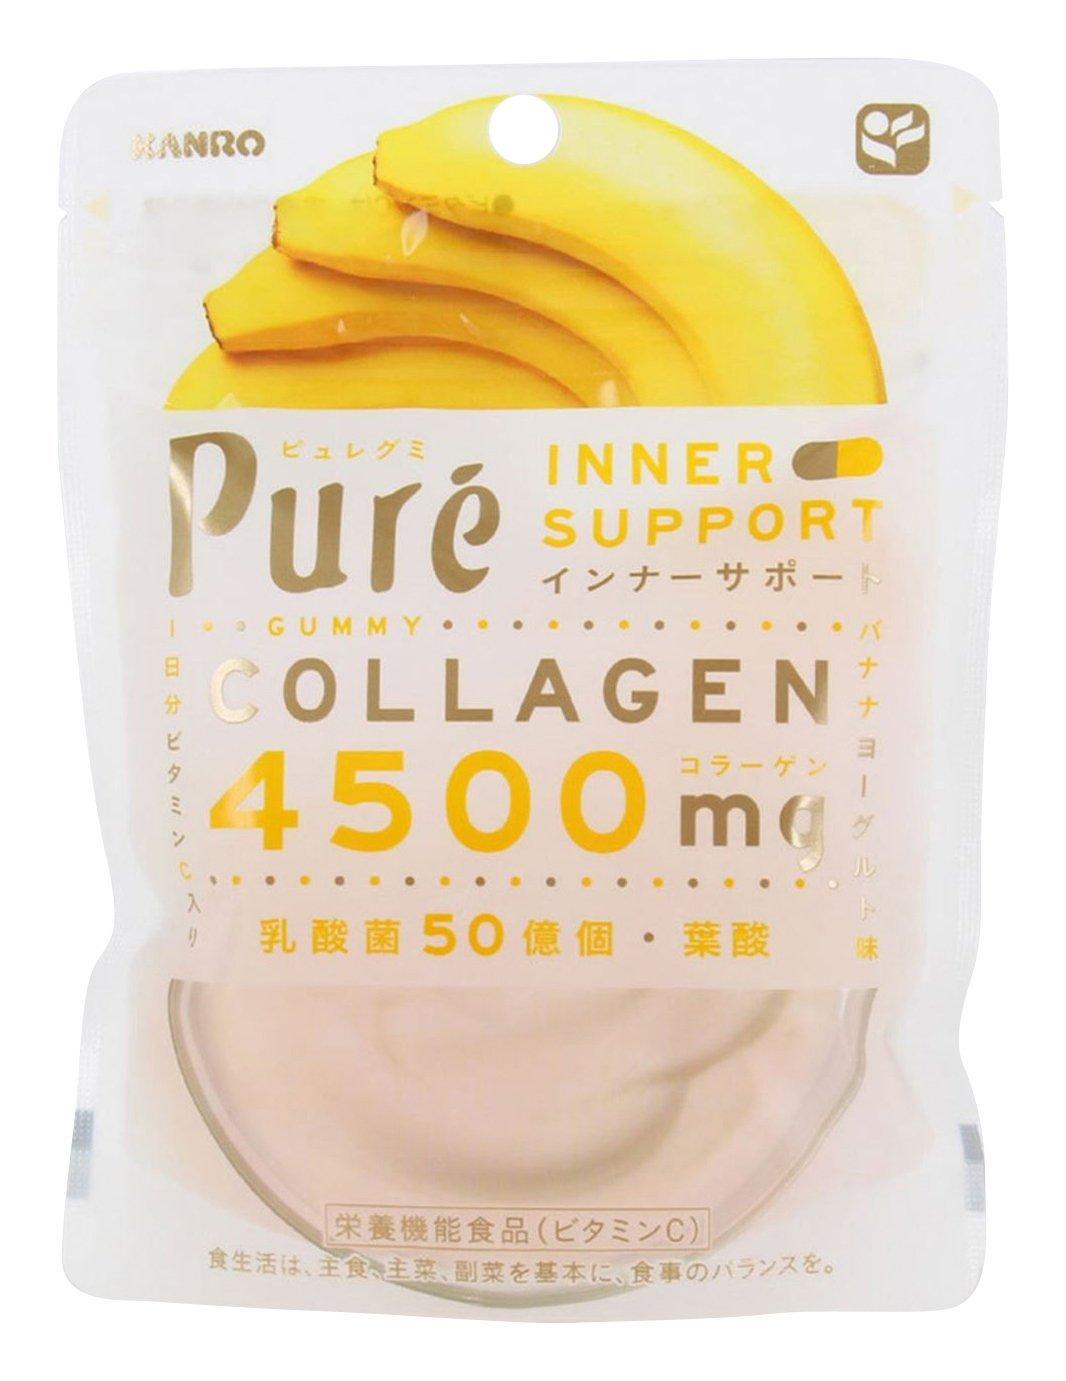 日本KANRO PURE香蕉優格軟糖  日本進口